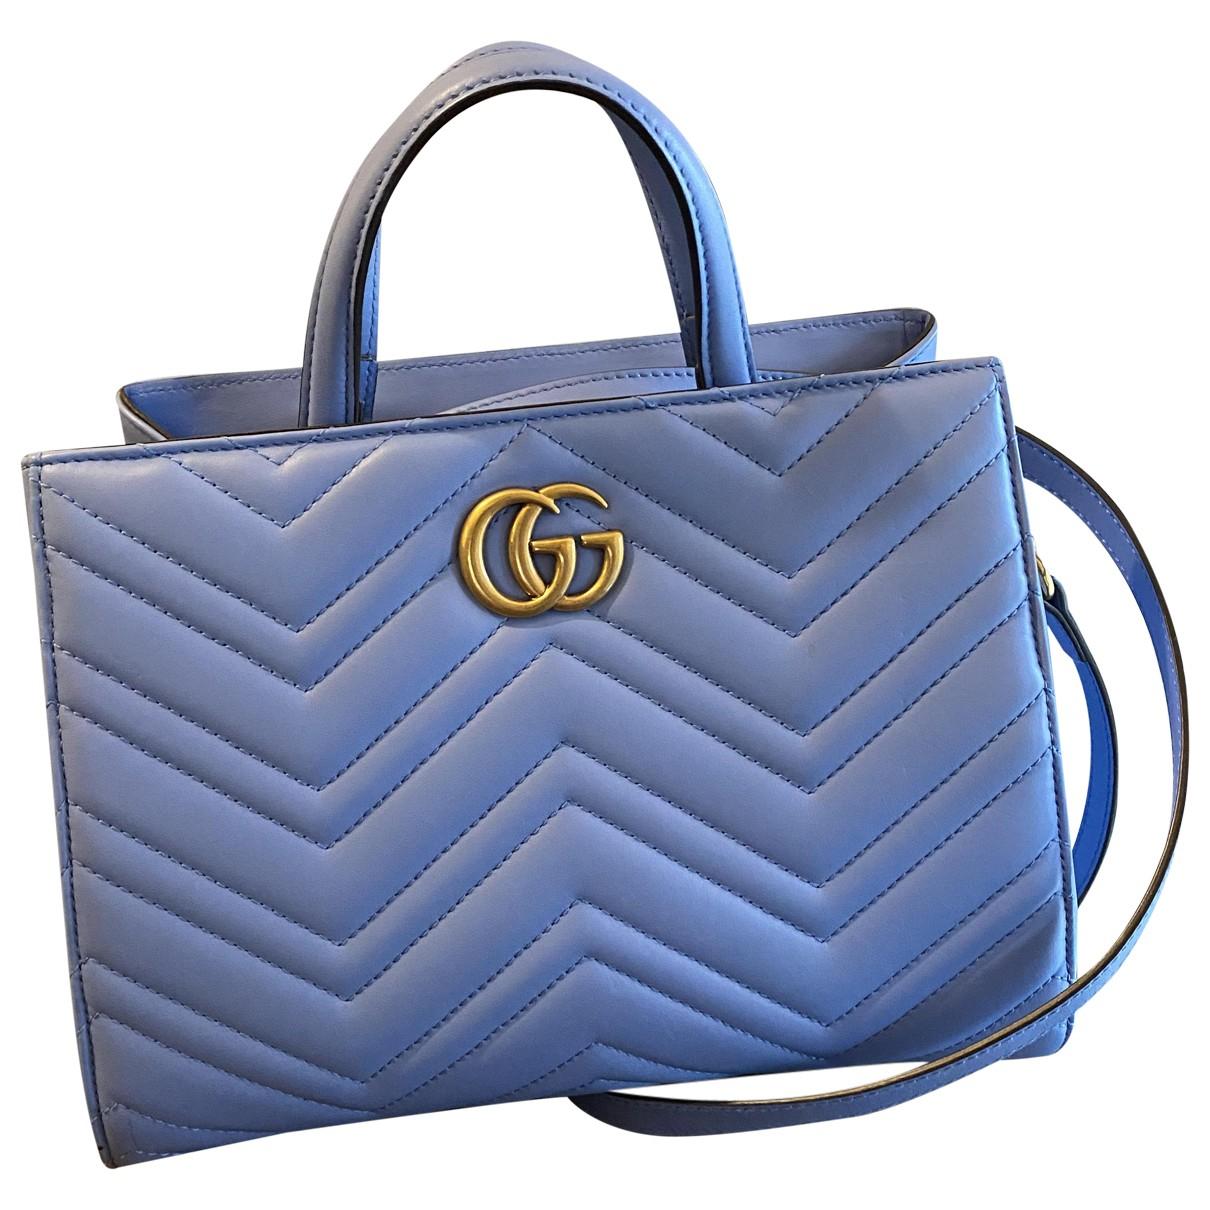 Gucci - Sac a main Marmont pour femme en cuir - bleu